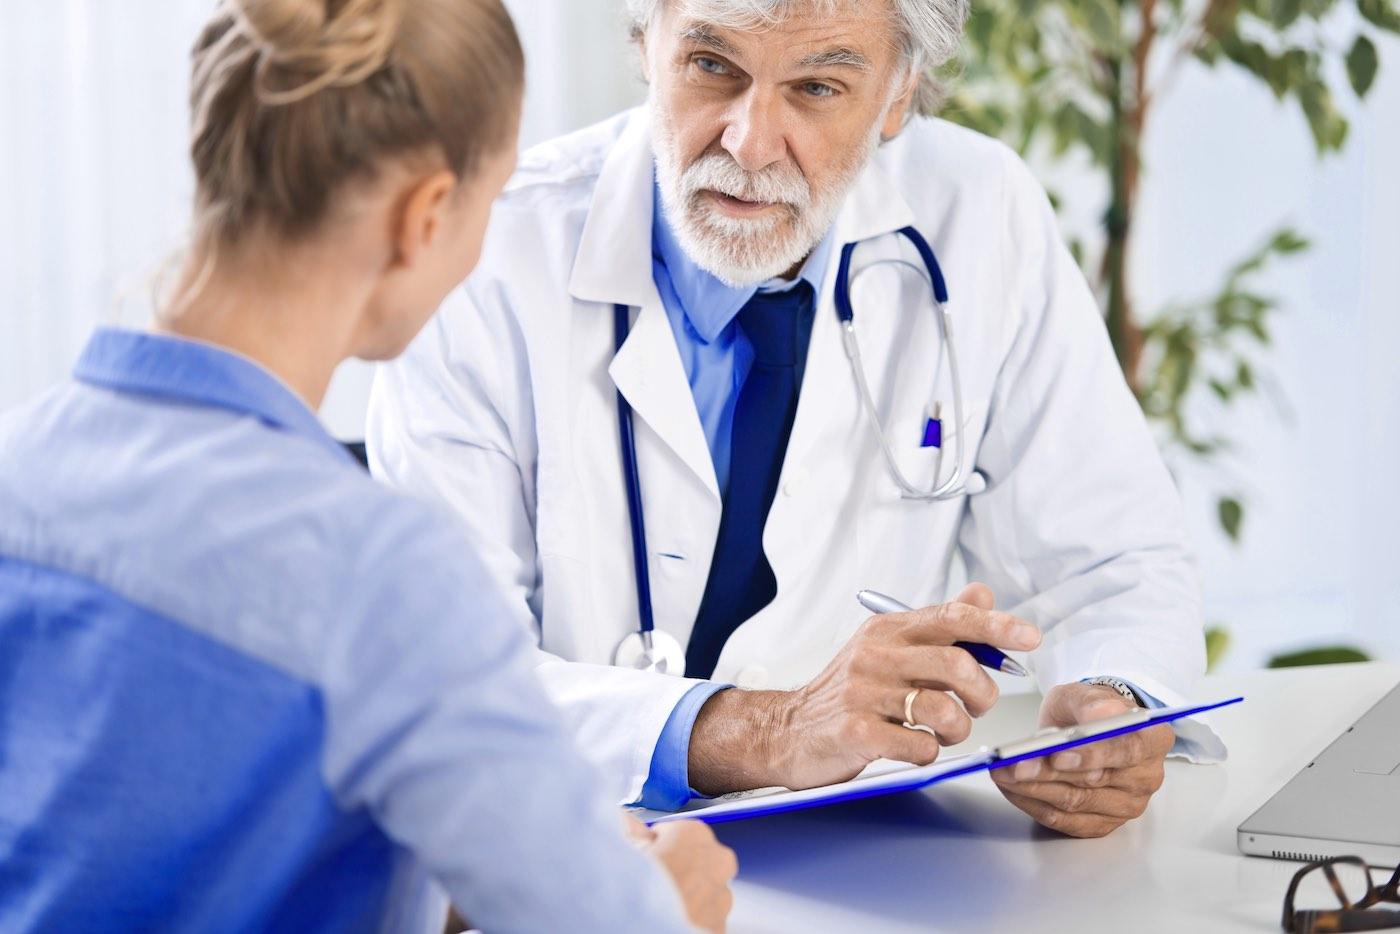 Zorgverlenende dokter praat met haar patiënt